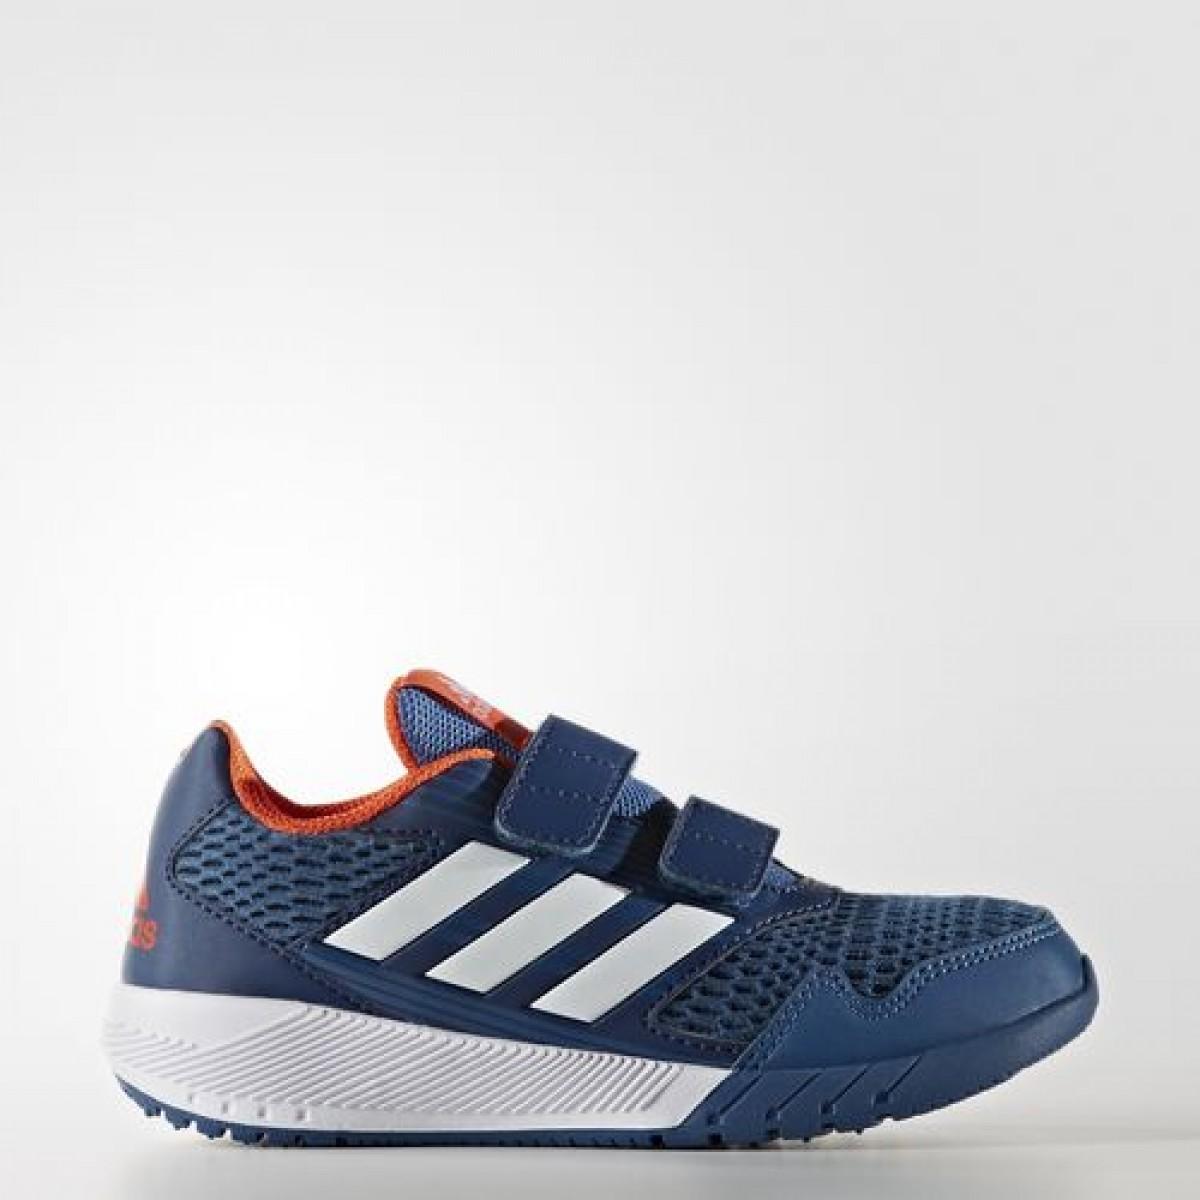 Adidas Turnschuh Altarun Größe wählbar iRhTX